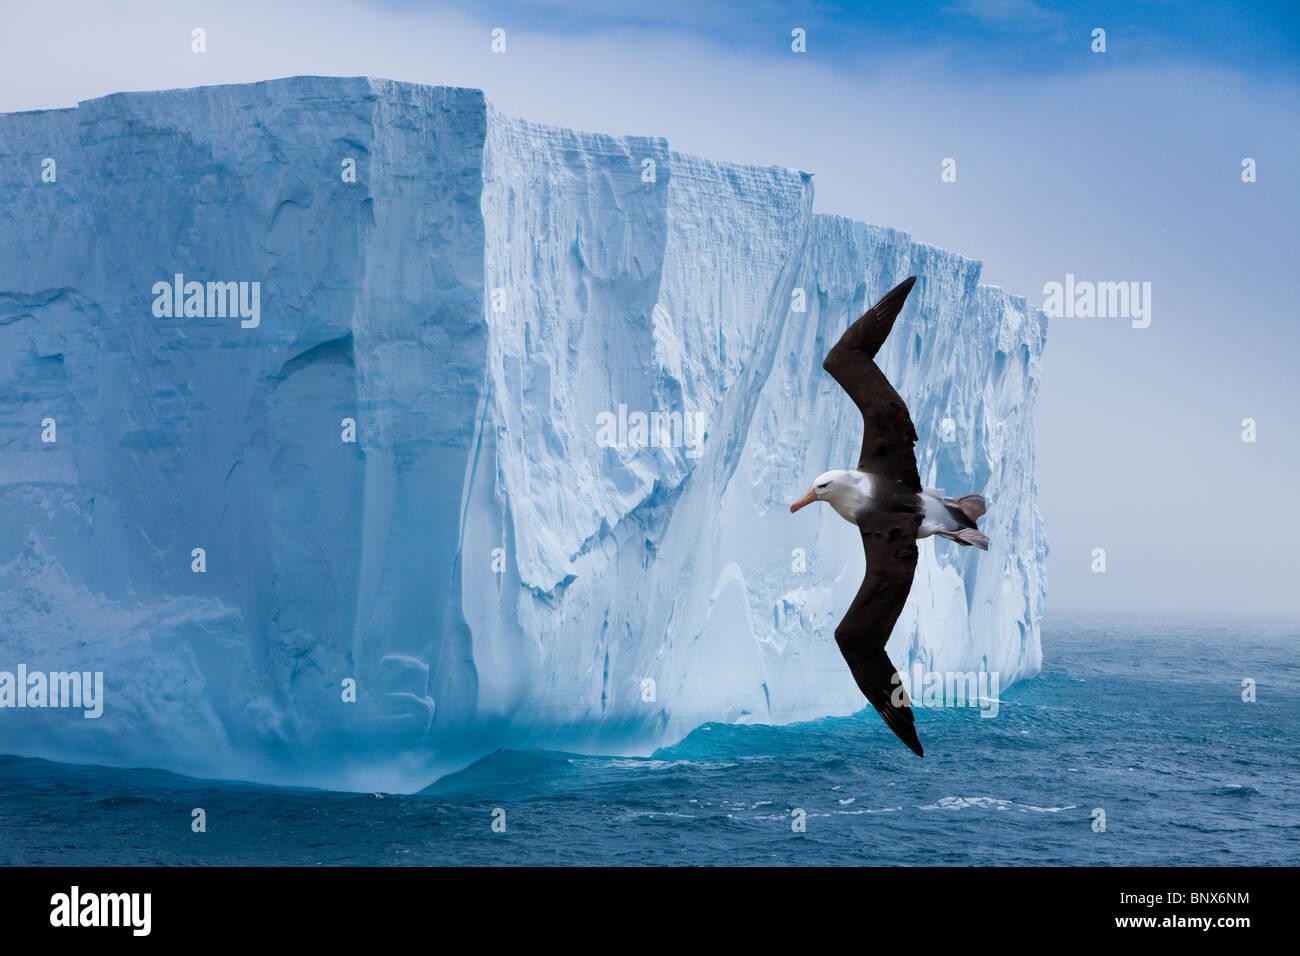 Black-browed albatross flying past iceberg, Antarctica - Stock Image